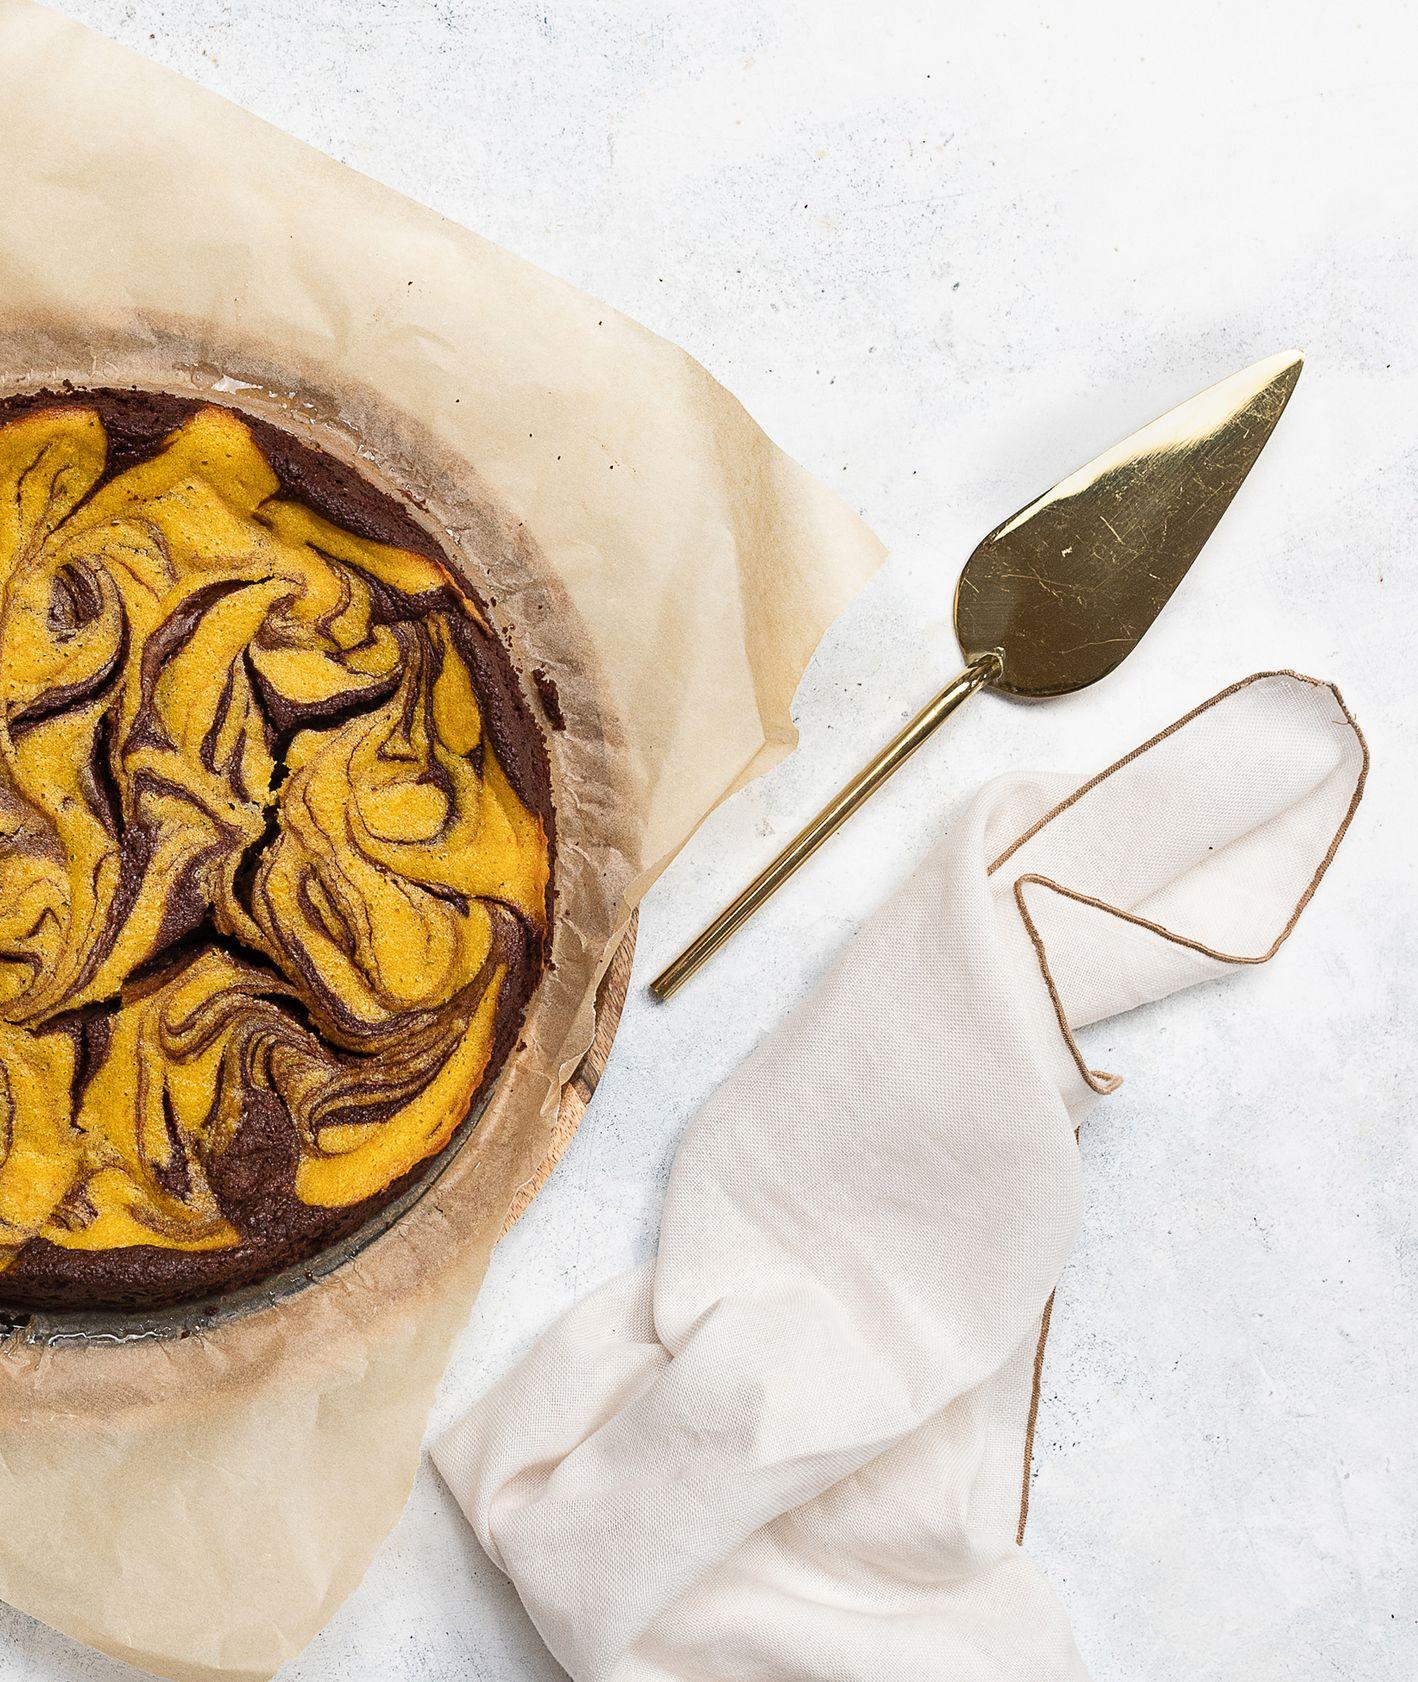 Przepis na dyniowe brownie (fot. Paulina Czyżewska)